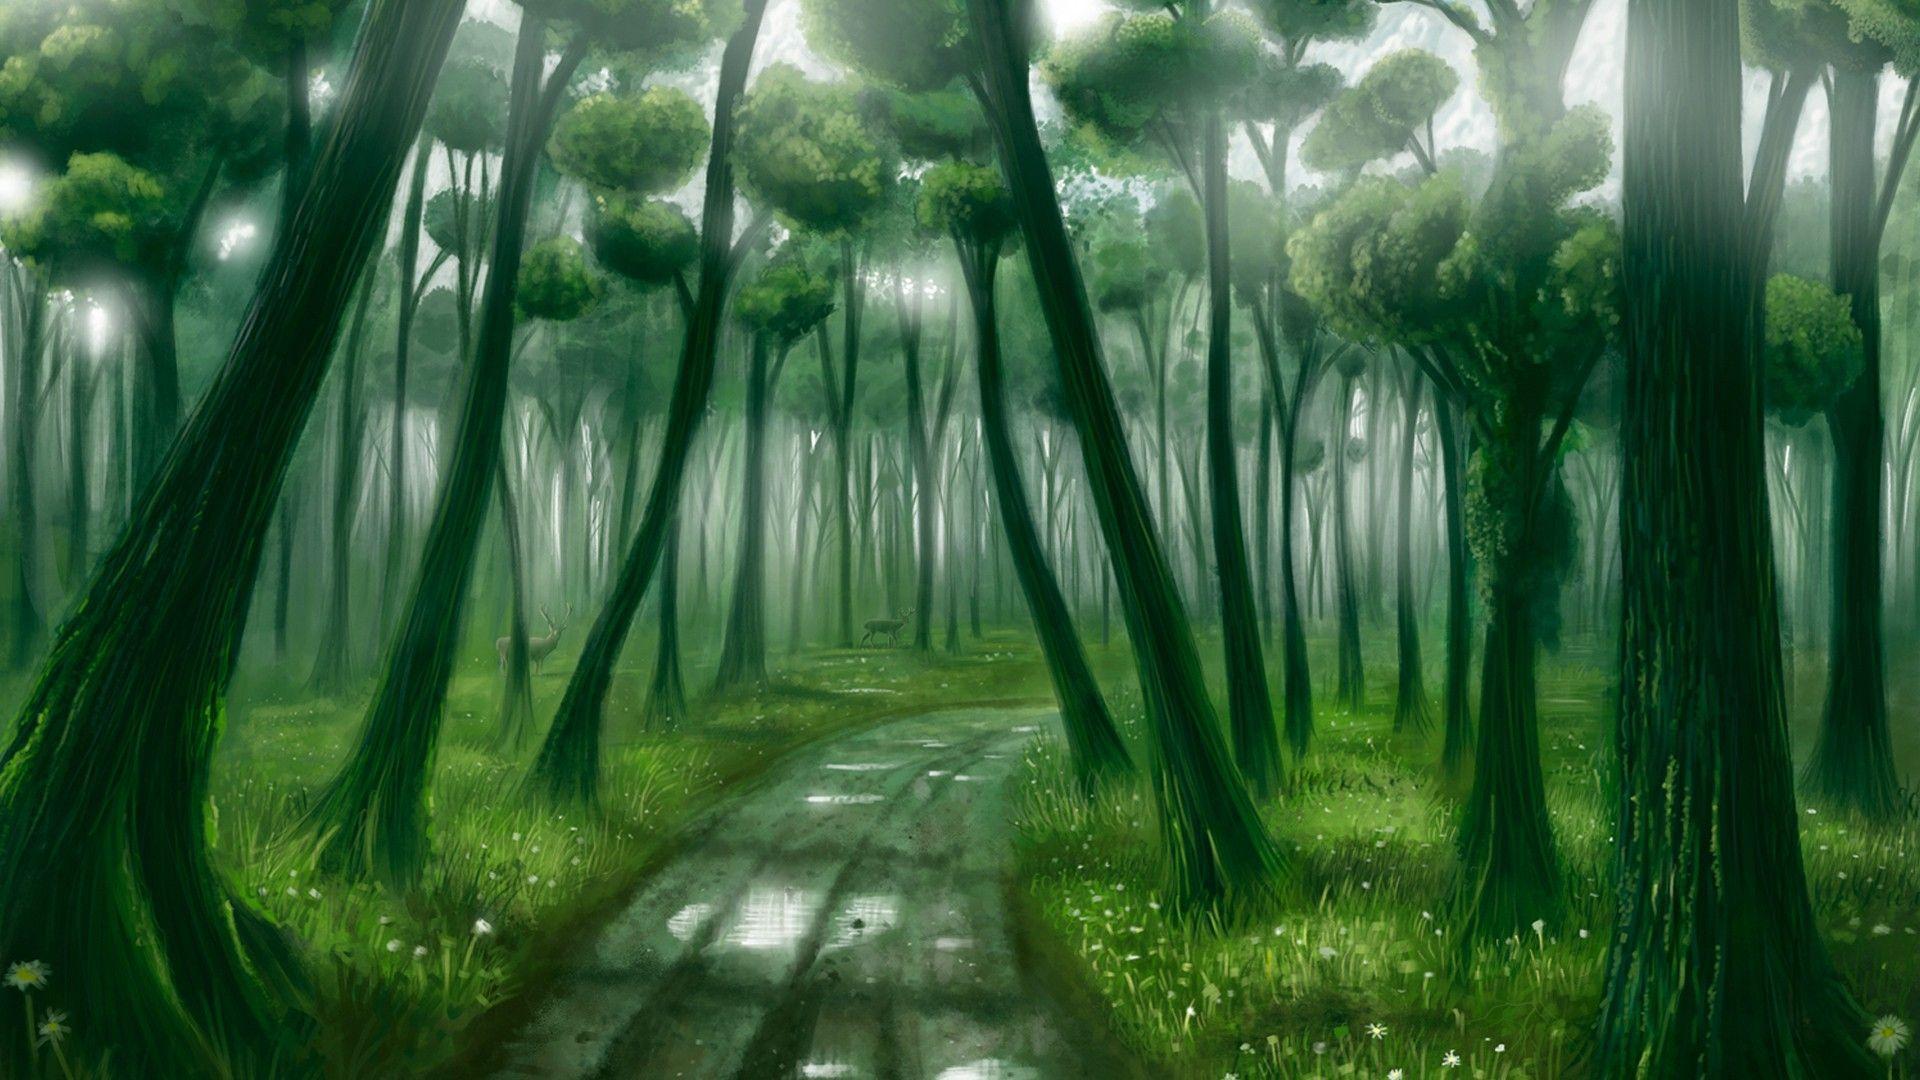 forest desktop backgrounds free download | pixelstalk